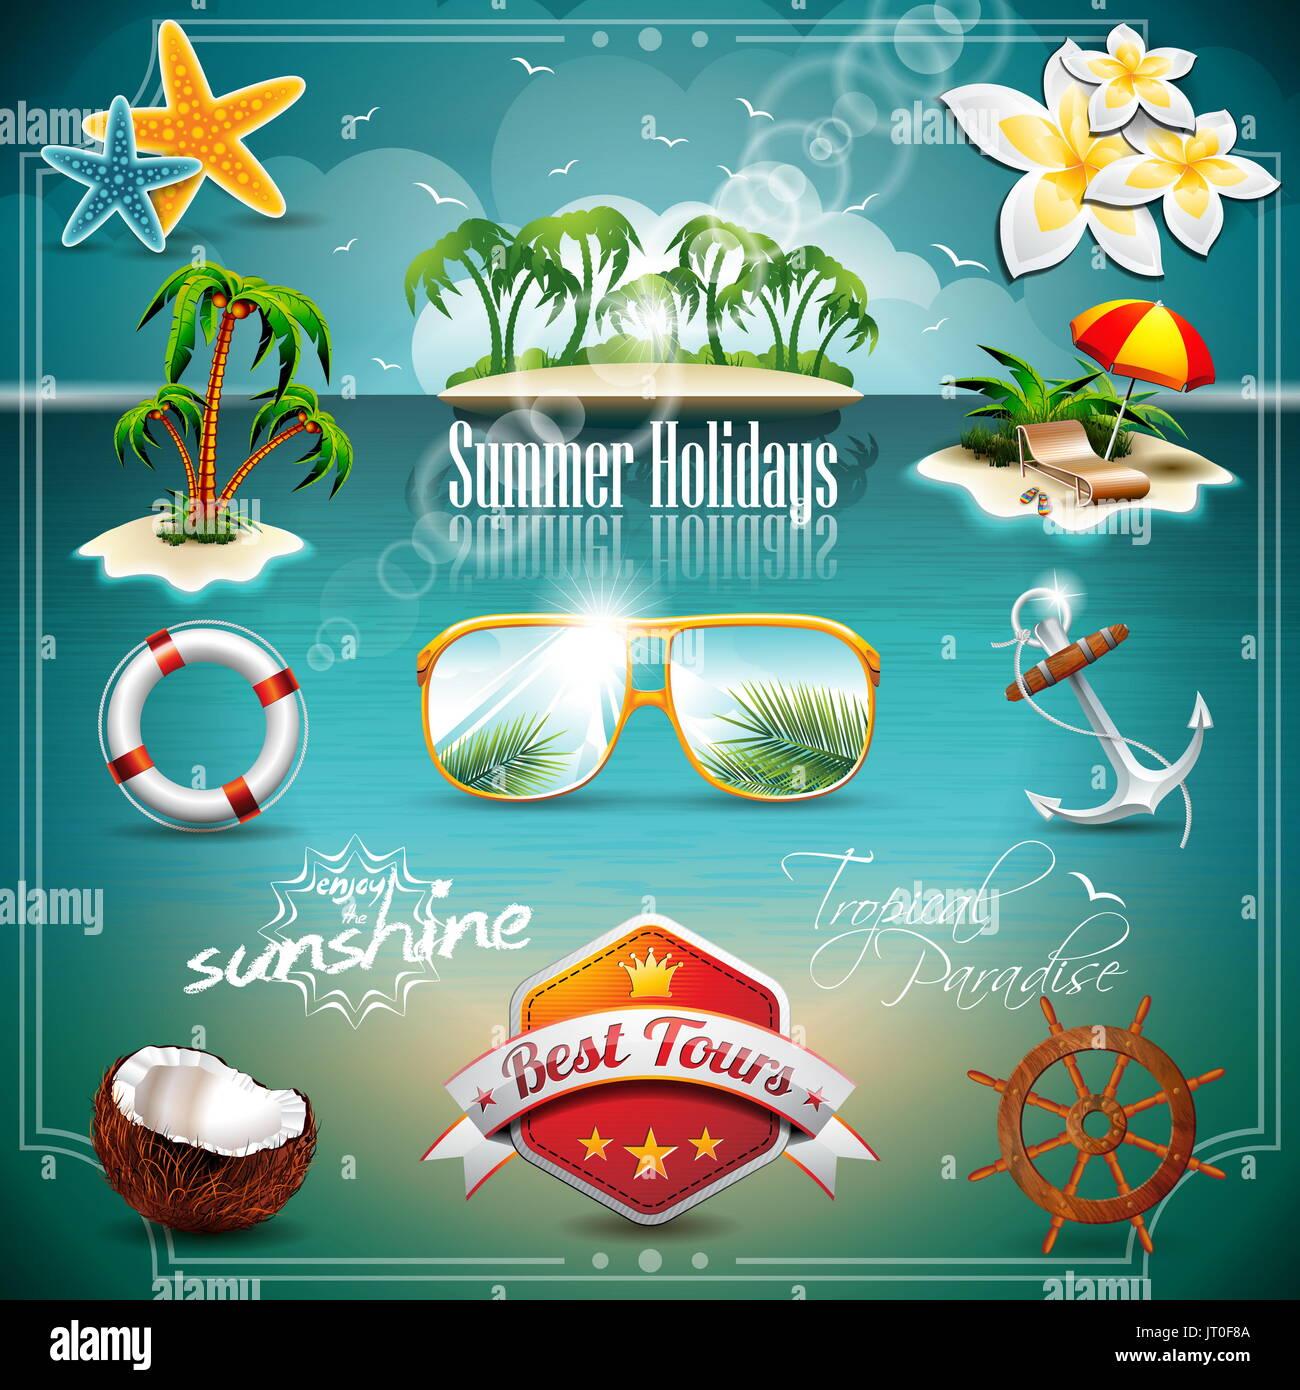 Vettore vacanza estiva icona impostare sul blu del mare sullo sfondo. Eps10 illustrazione. Immagini Stock